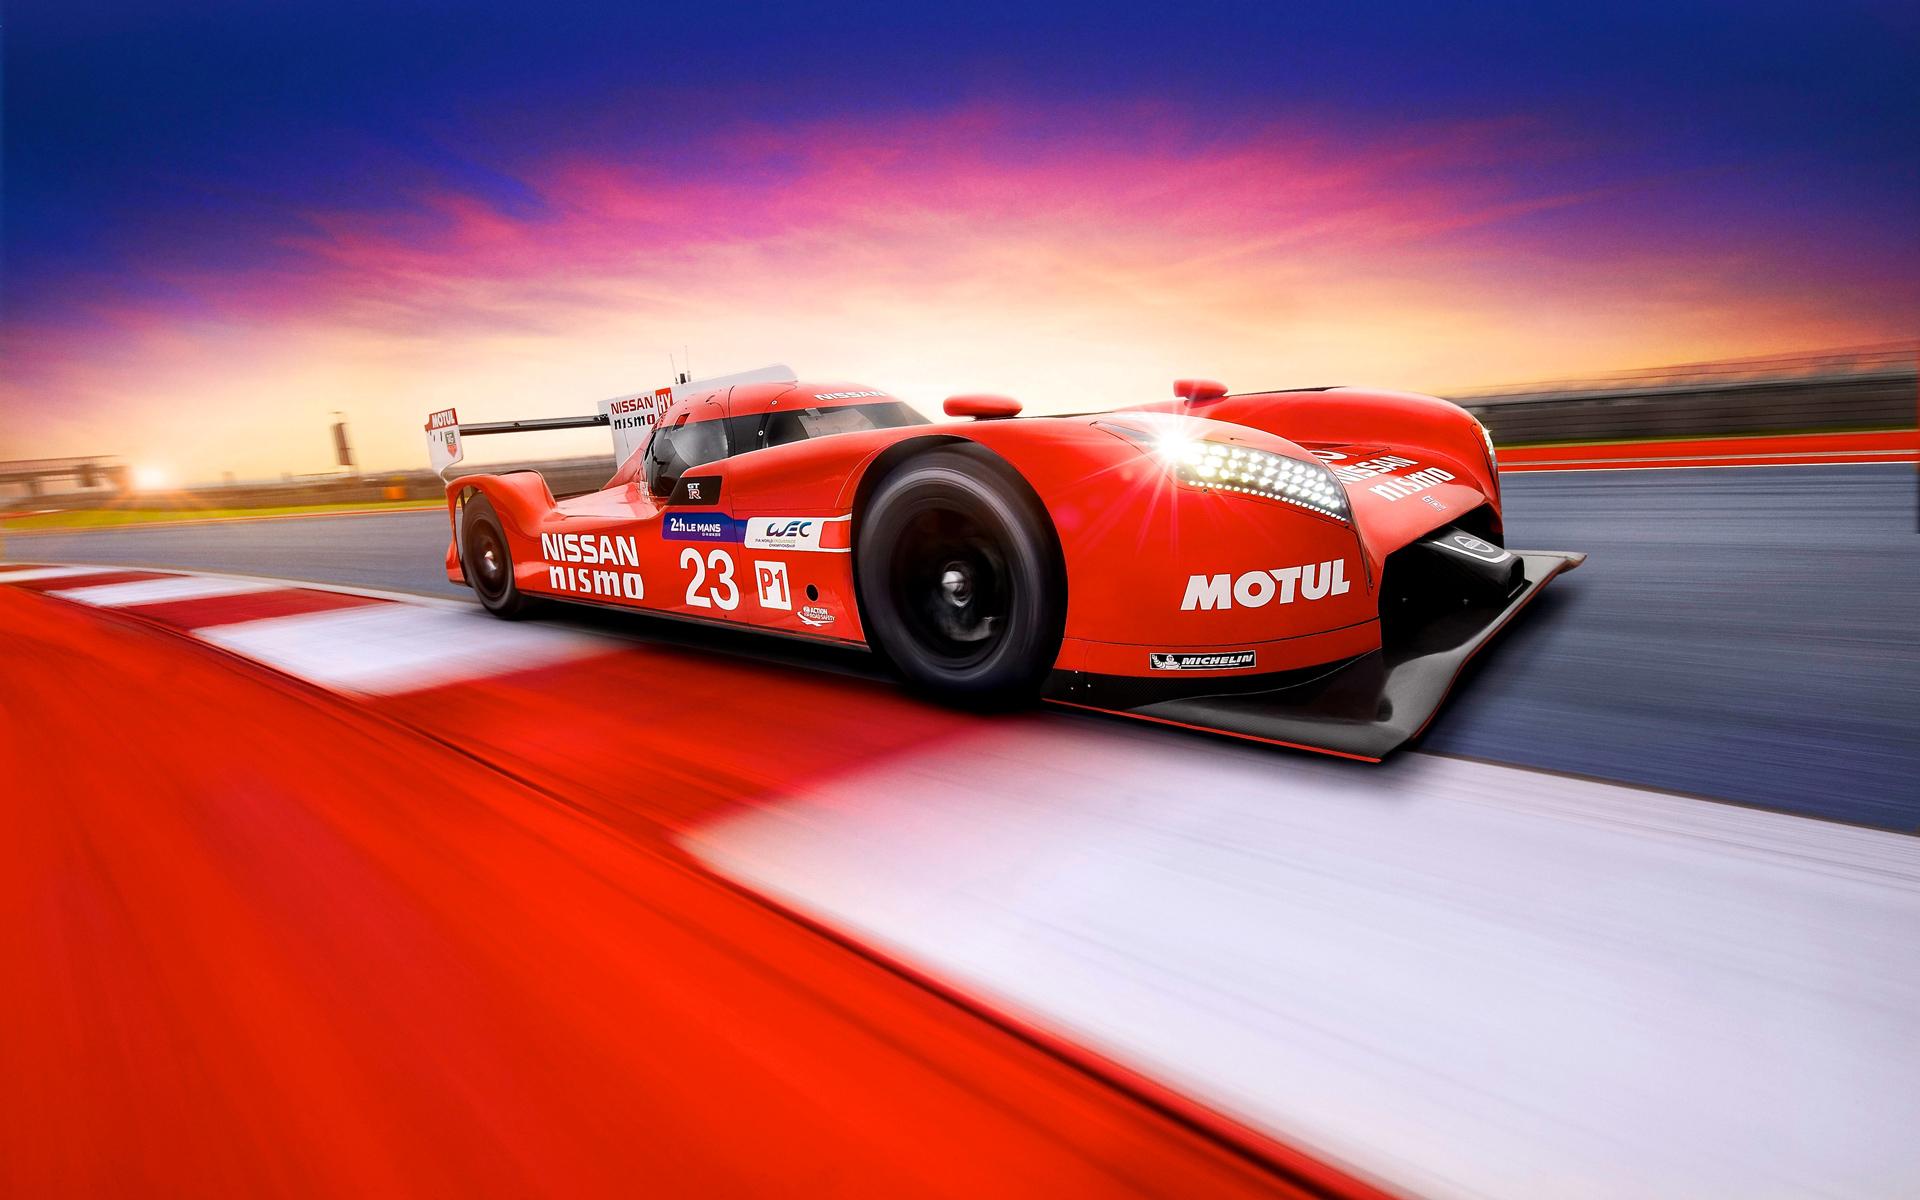 Nissan GT-R LM NISMO - sur circuit - profil avant